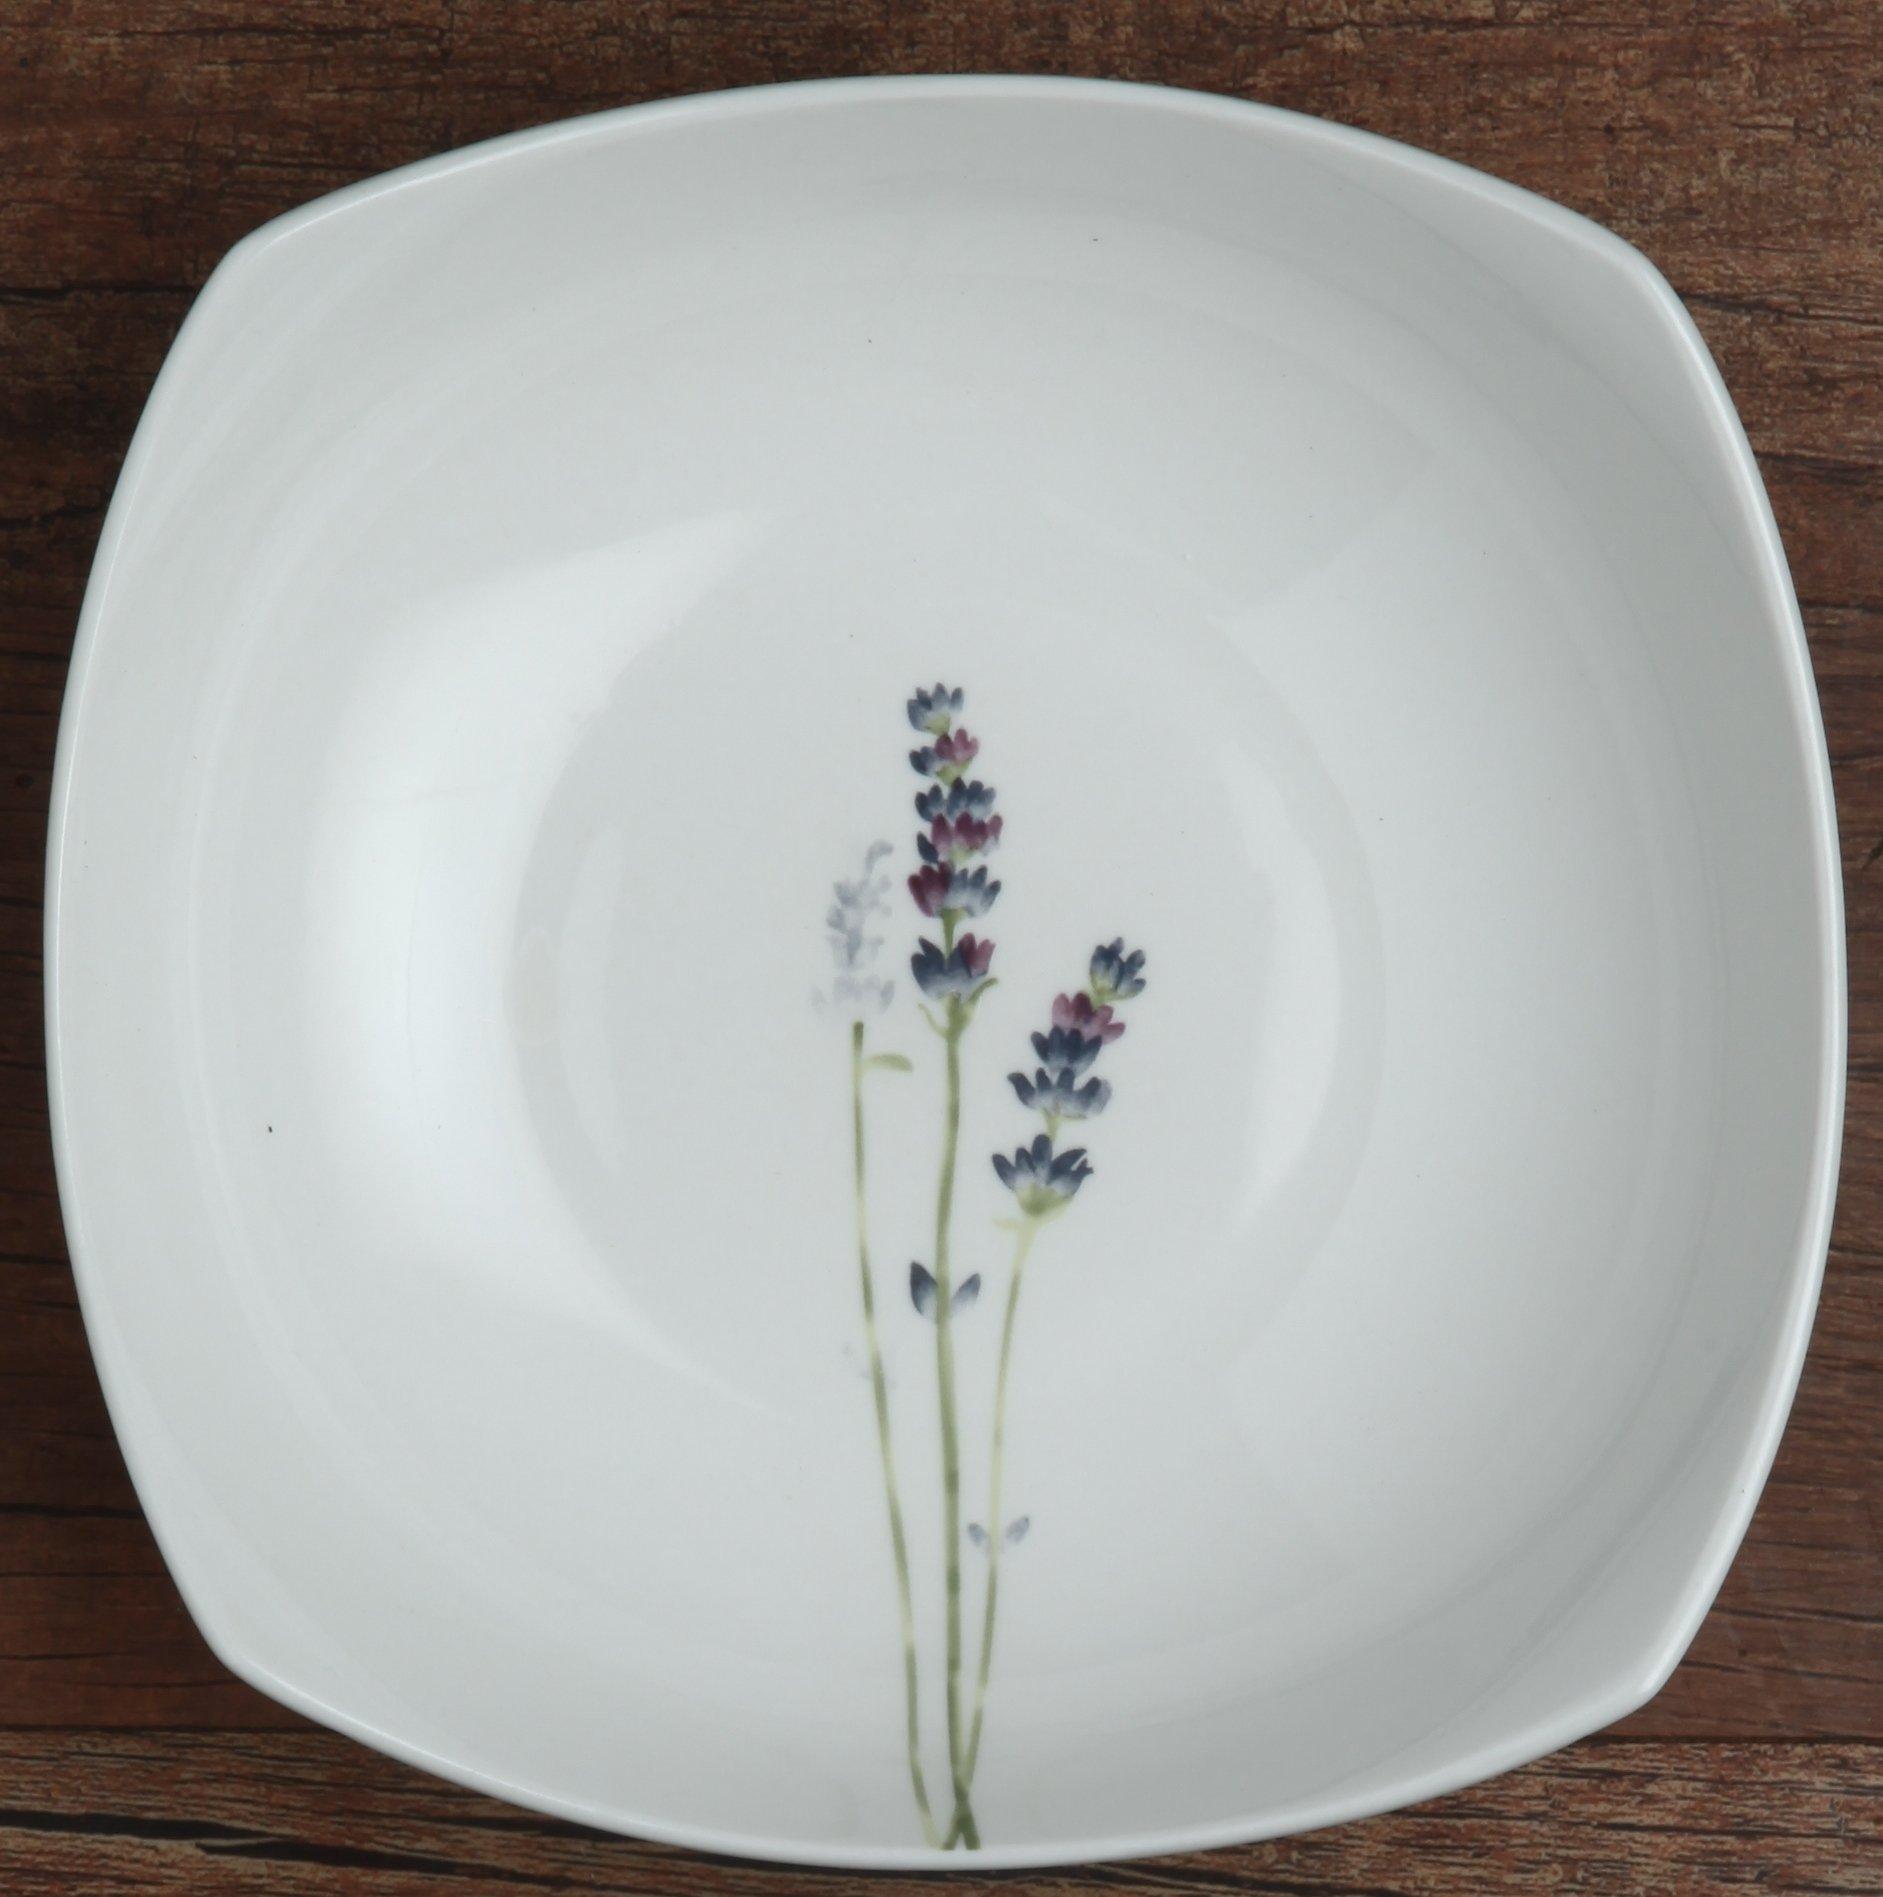 Melange Square 32-Piece Porcelain Dinnerware Set (Lavender) | Service for 8 | Microwave, Dishwasher & Oven Safe | Dinner Plate, Salad Plate, Soup Bowl & Mug (8 Each) by Melange (Image #3)